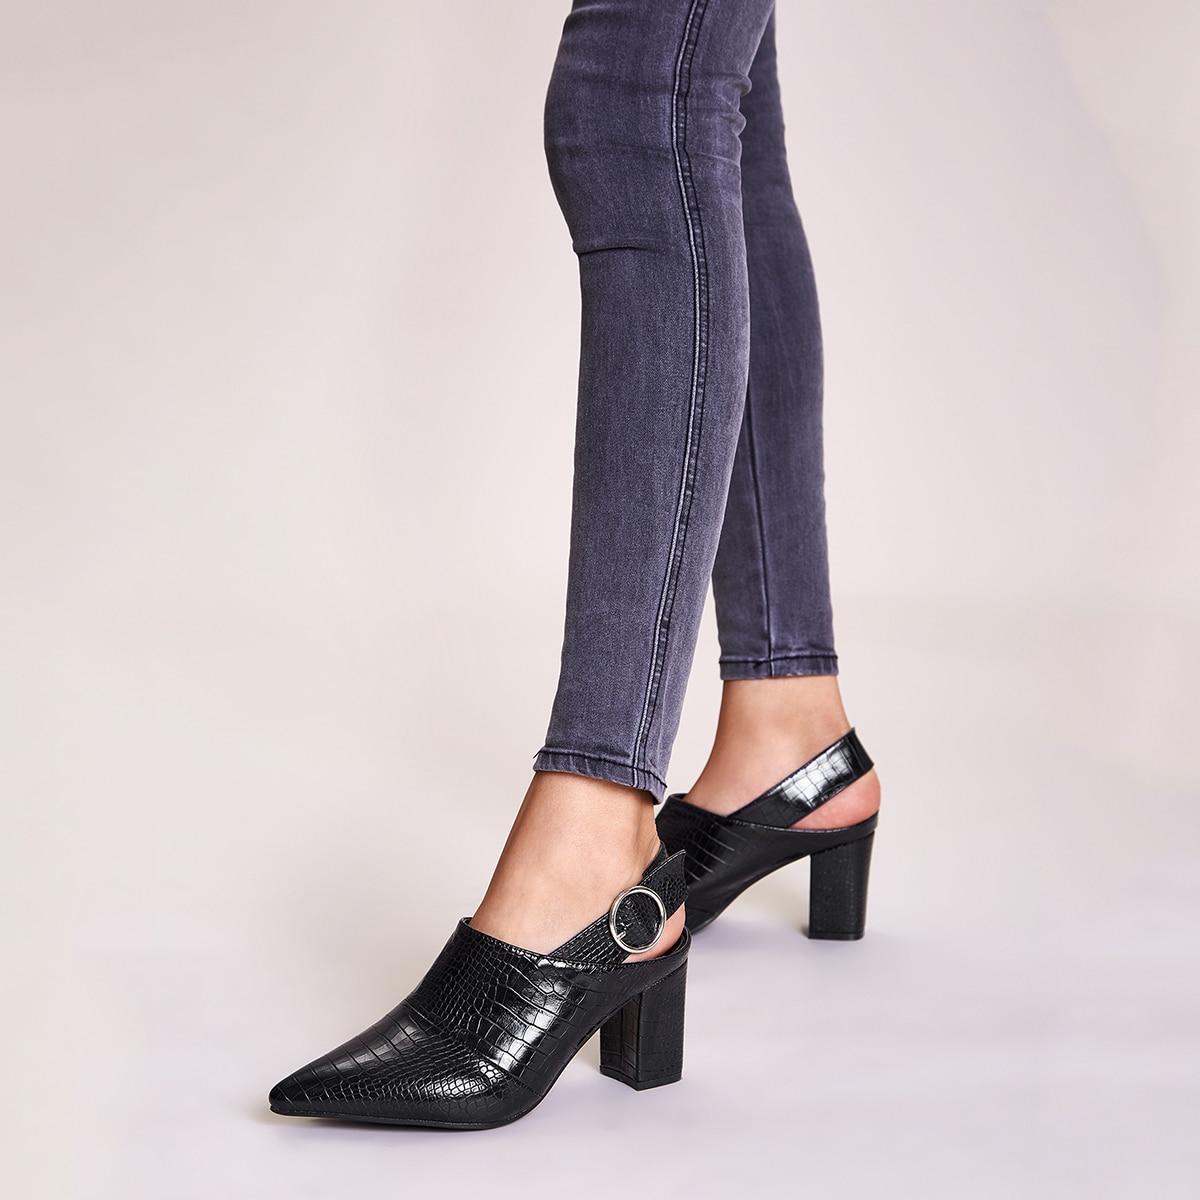 Остроконечные рельефные туфли с массивным каблуком от SHEIN